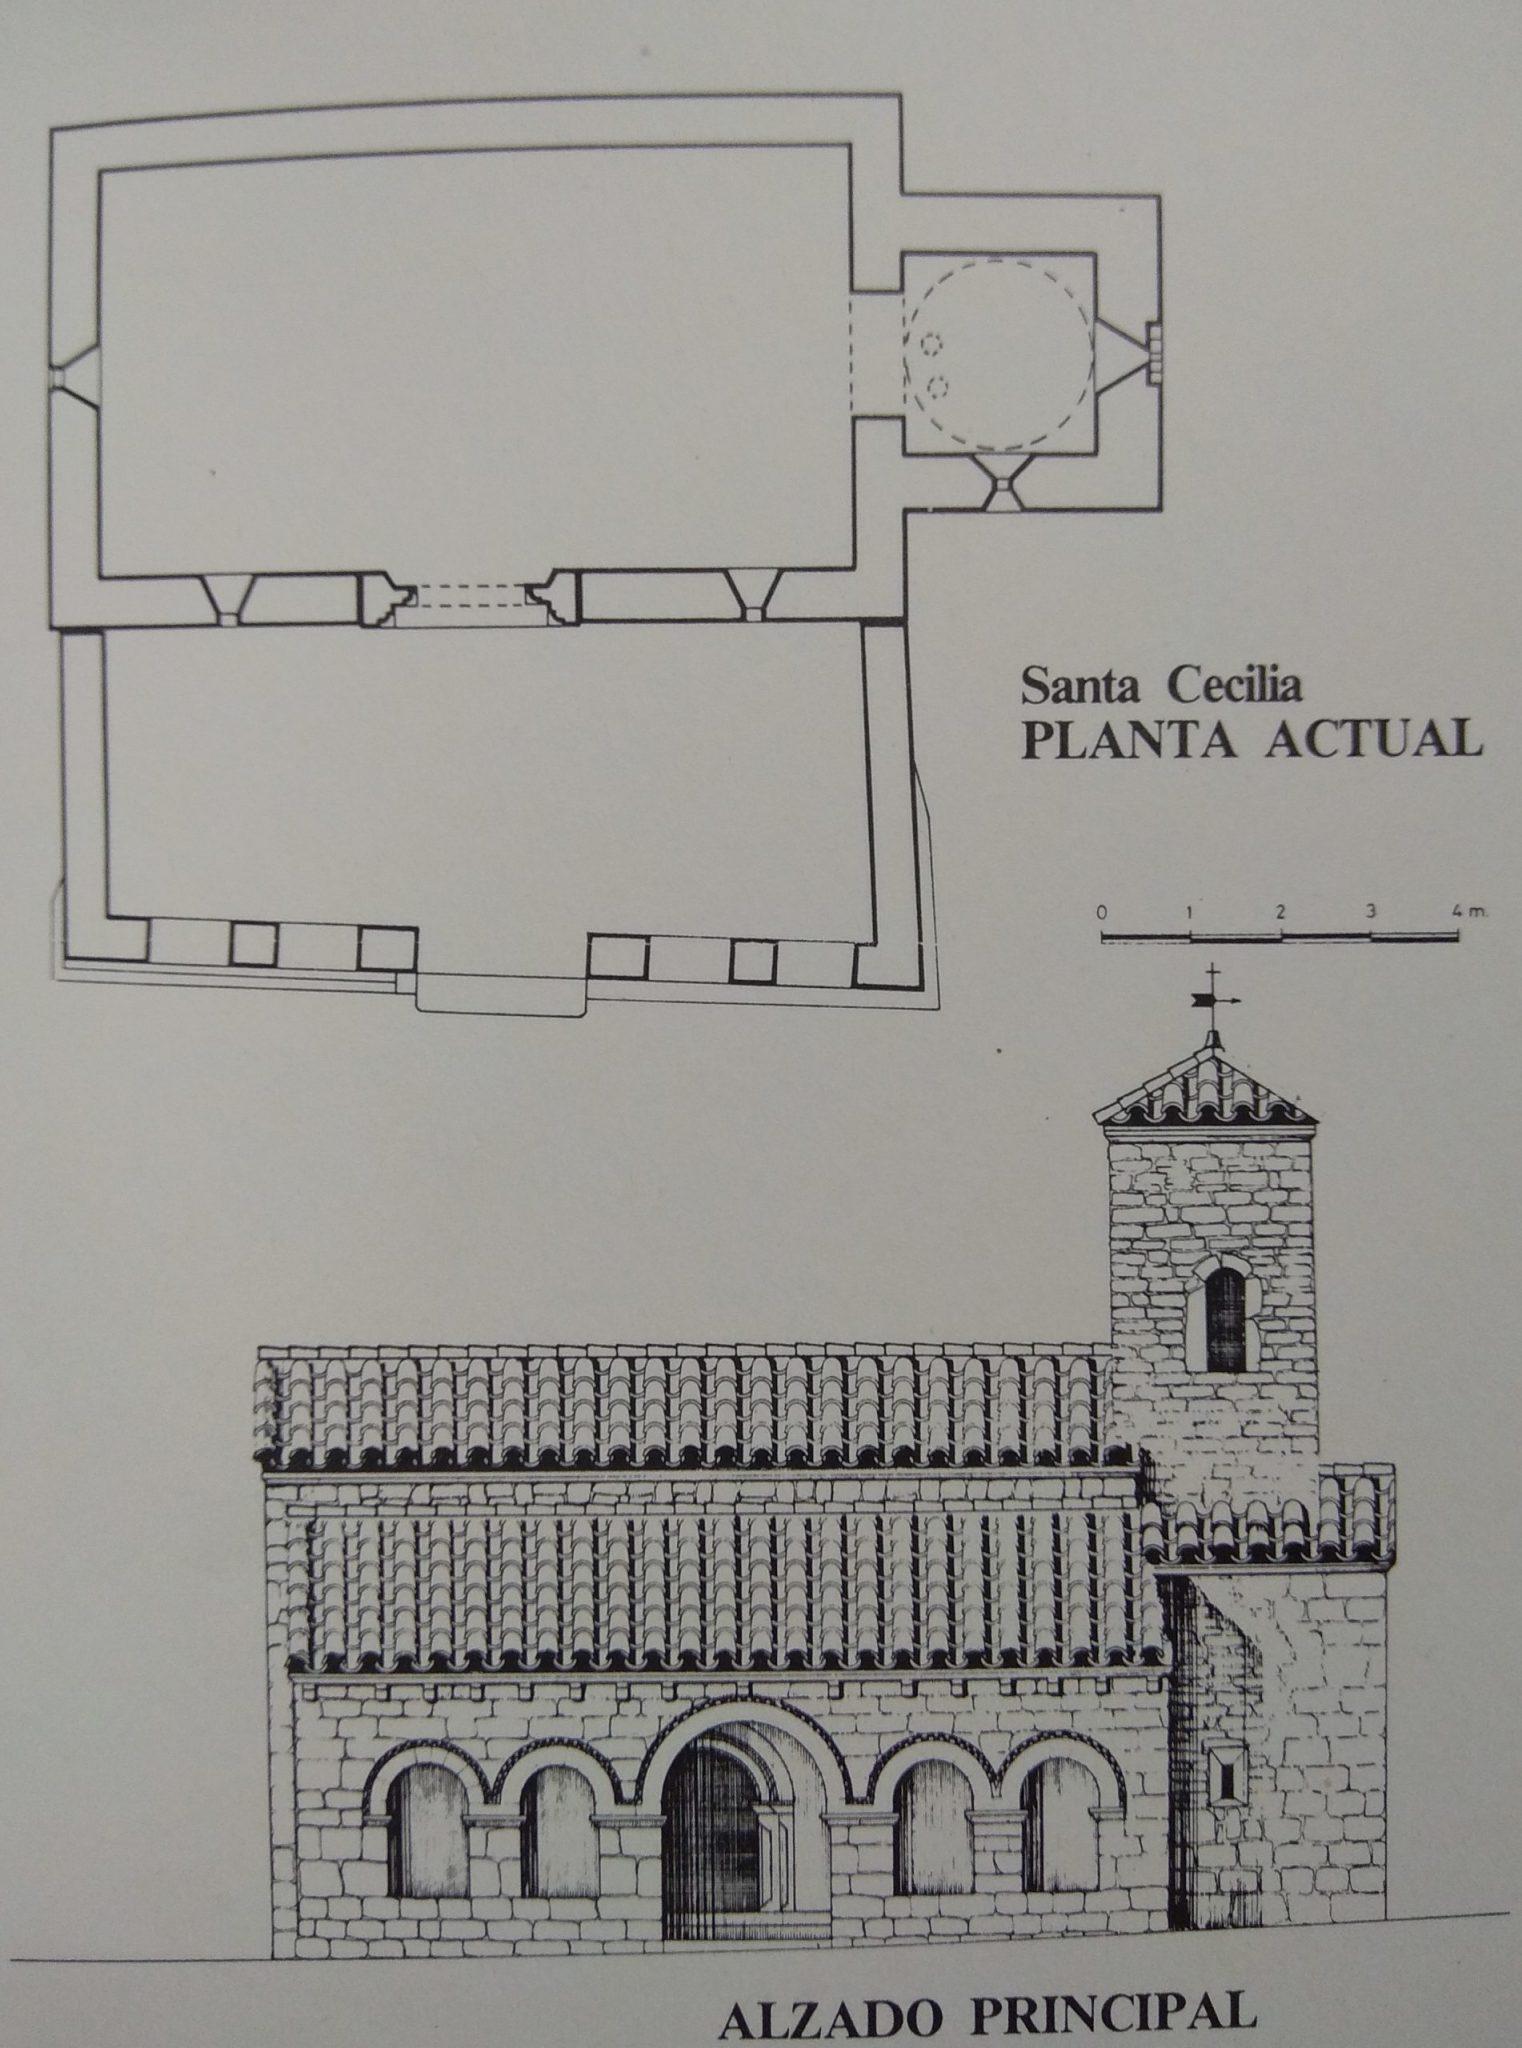 Planta y alzado de Santa Cecilia